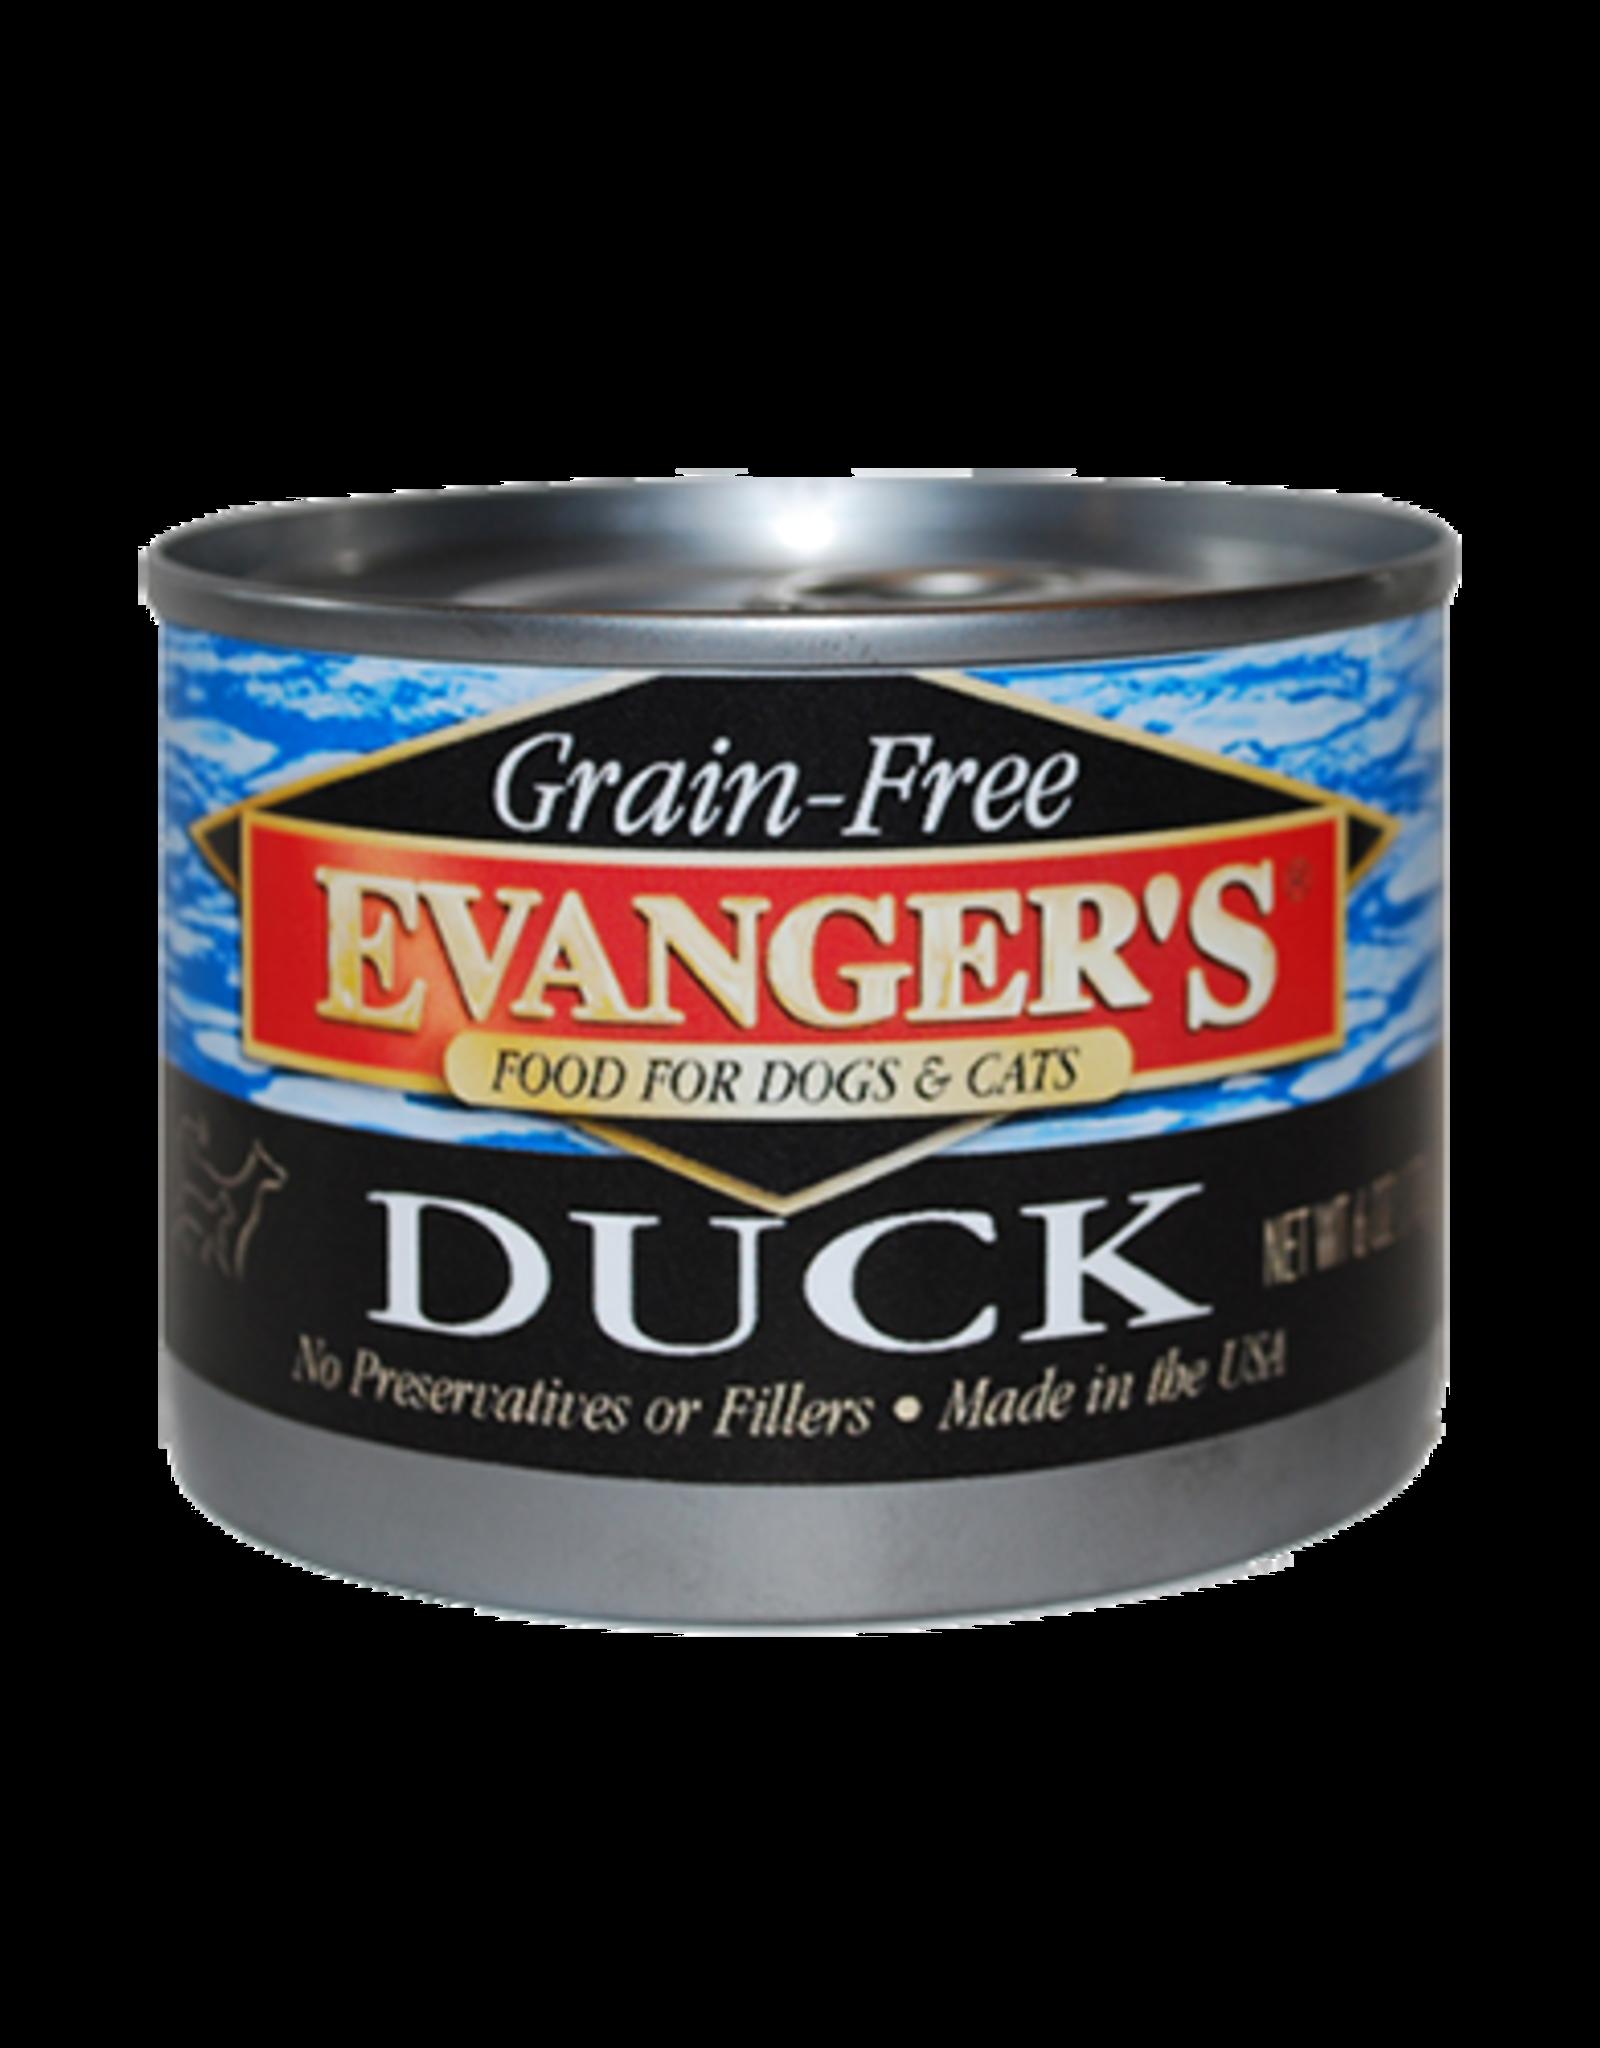 EVANGER'S EVANGERS GRAIN FREE DUCK 6OZ CASE OF 24